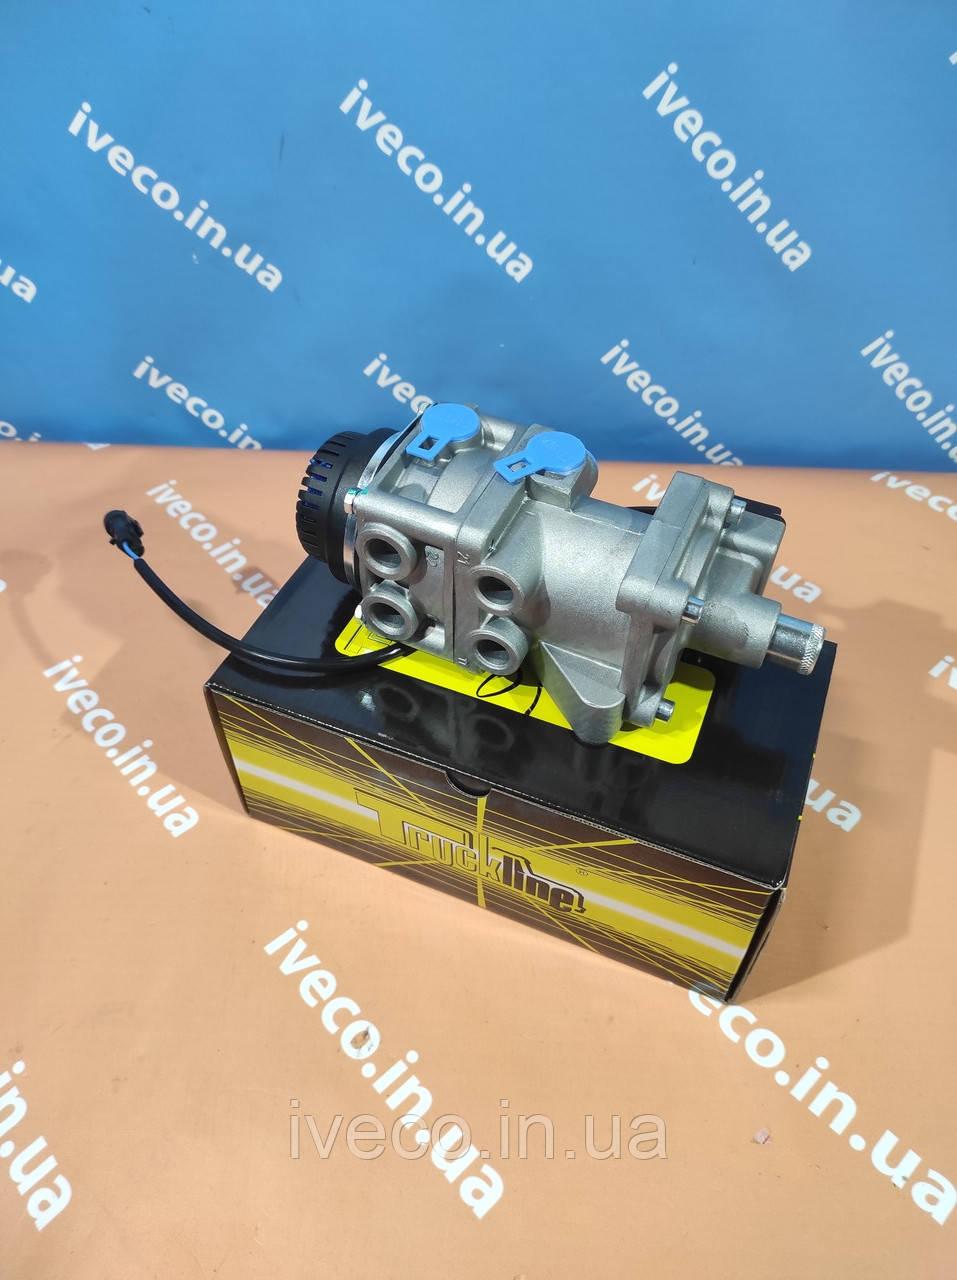 Кран тормозной ножной IVECO Eurocargo Ивеко Еврокарго 500382823 MM01028 DX75BAY главный тормозной цилиндр